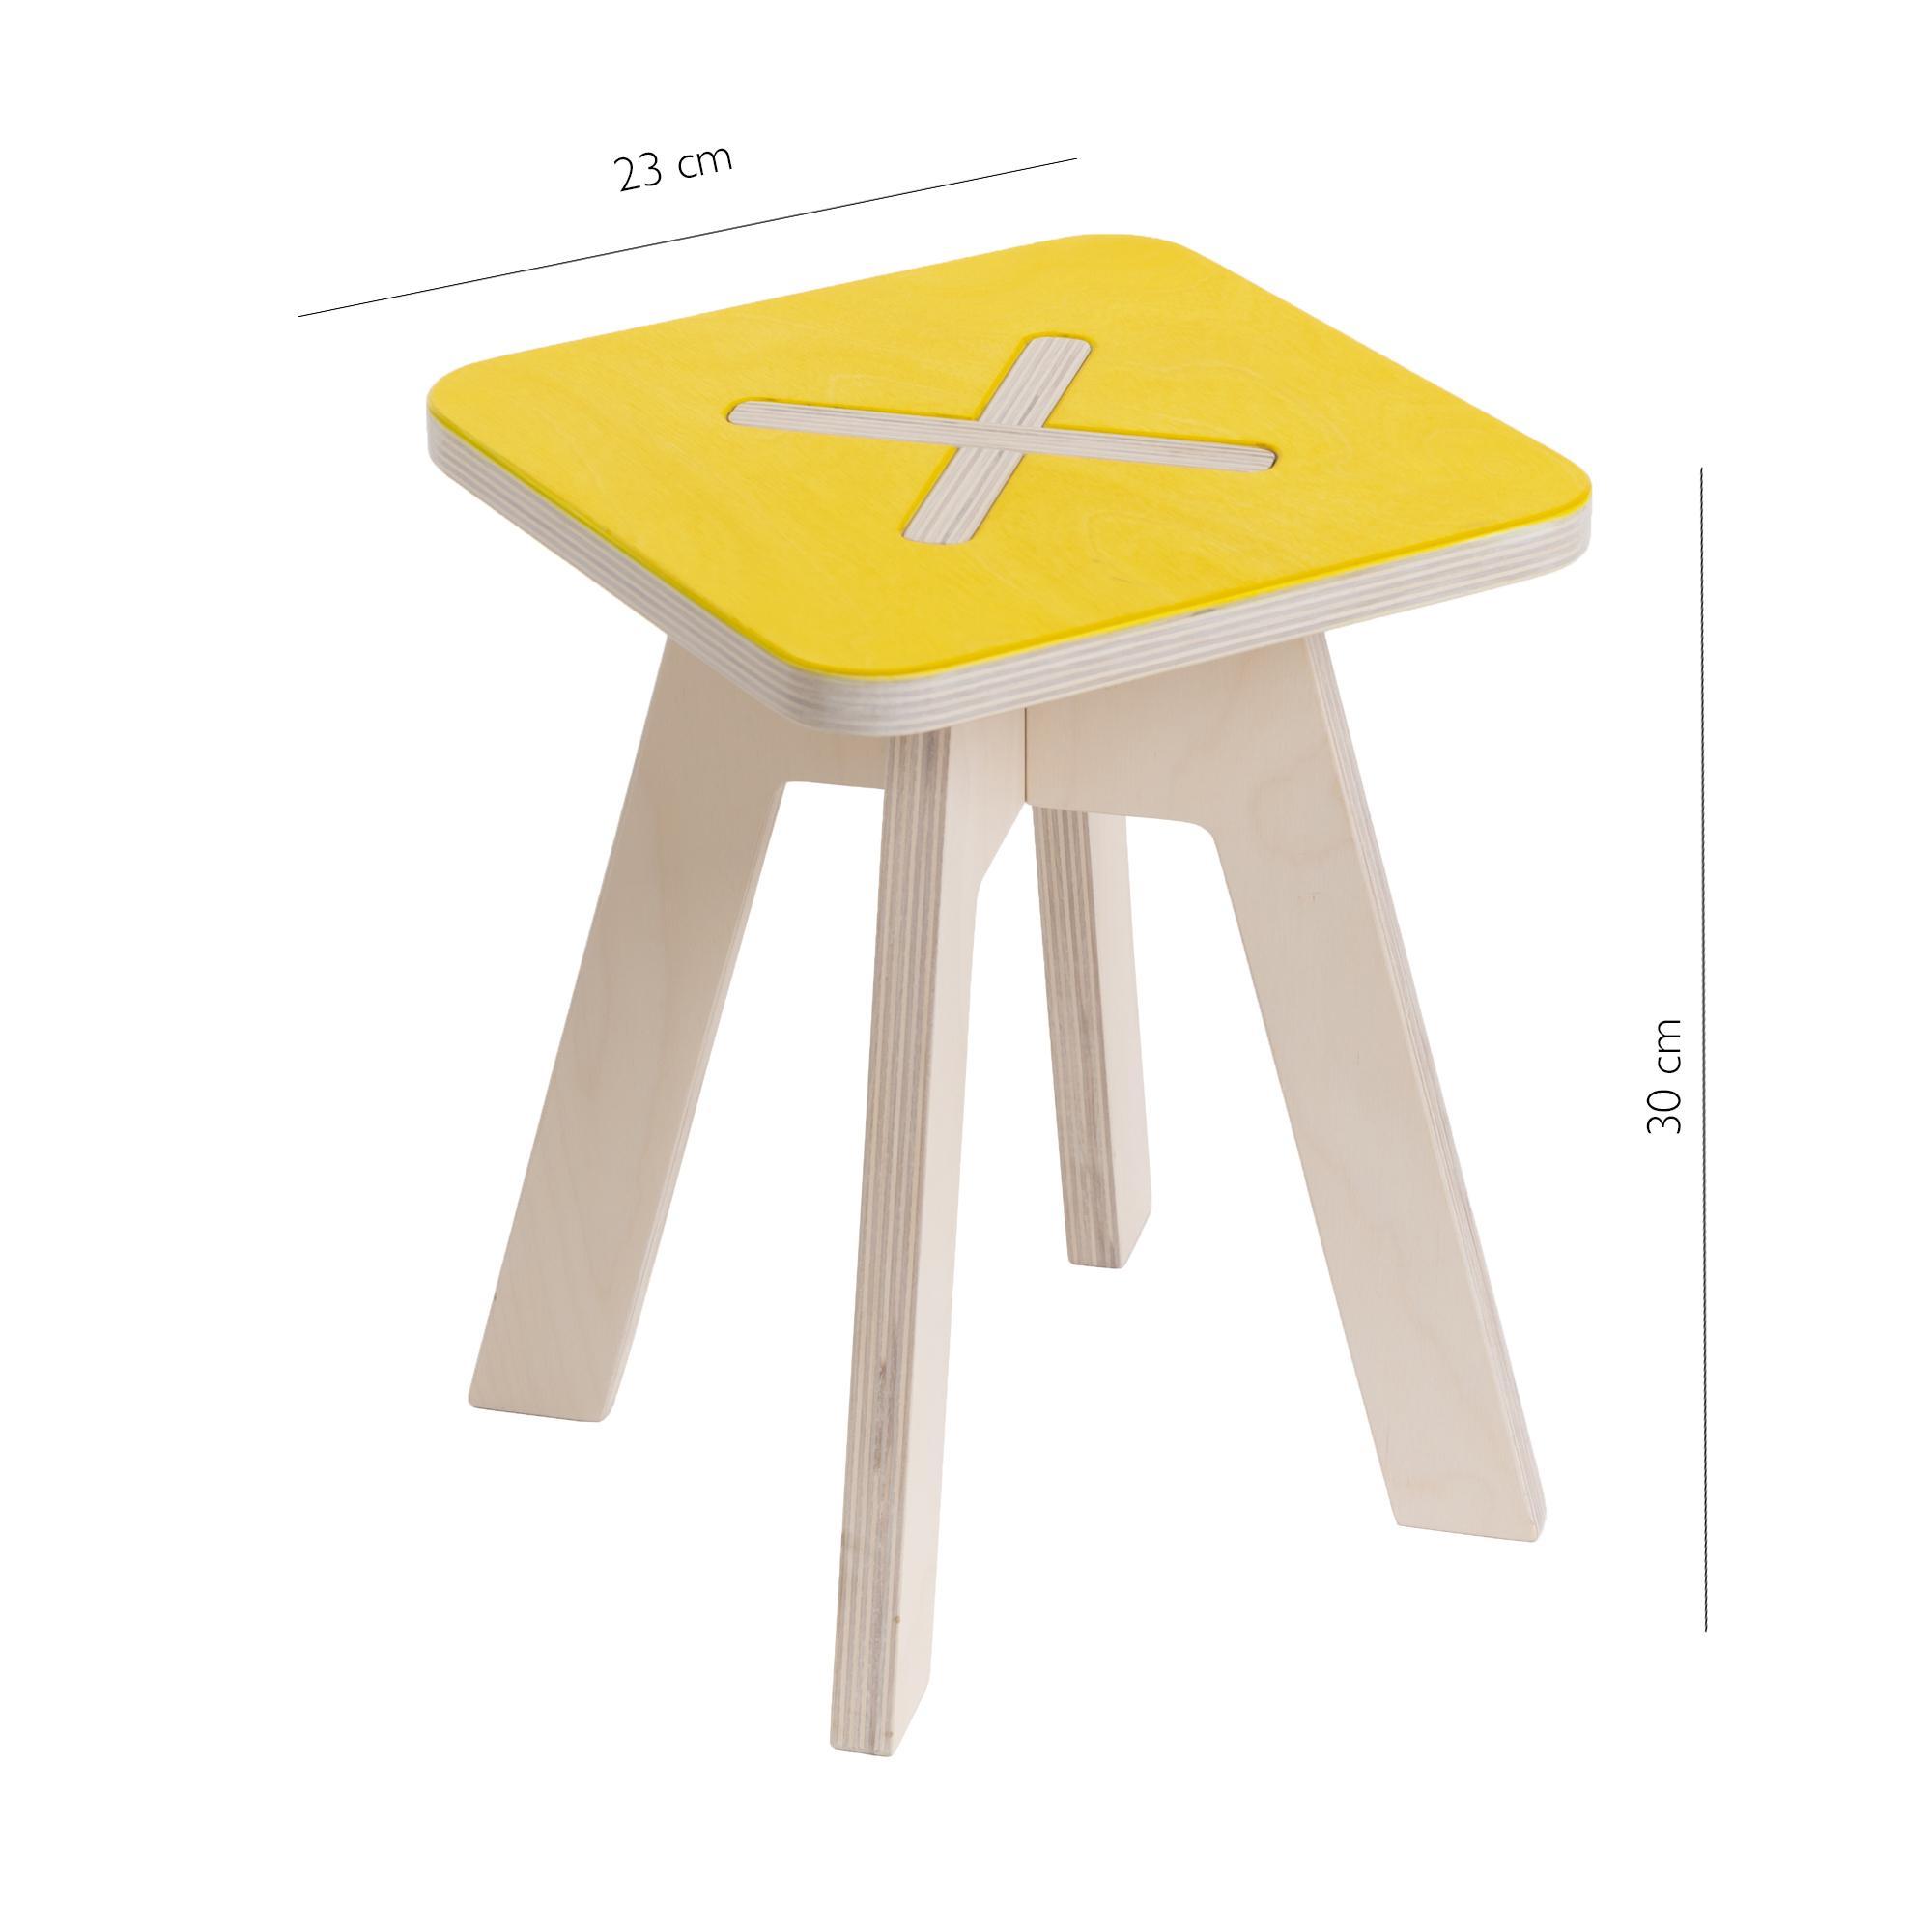 kinderstuhl aus holz gelb. Black Bedroom Furniture Sets. Home Design Ideas